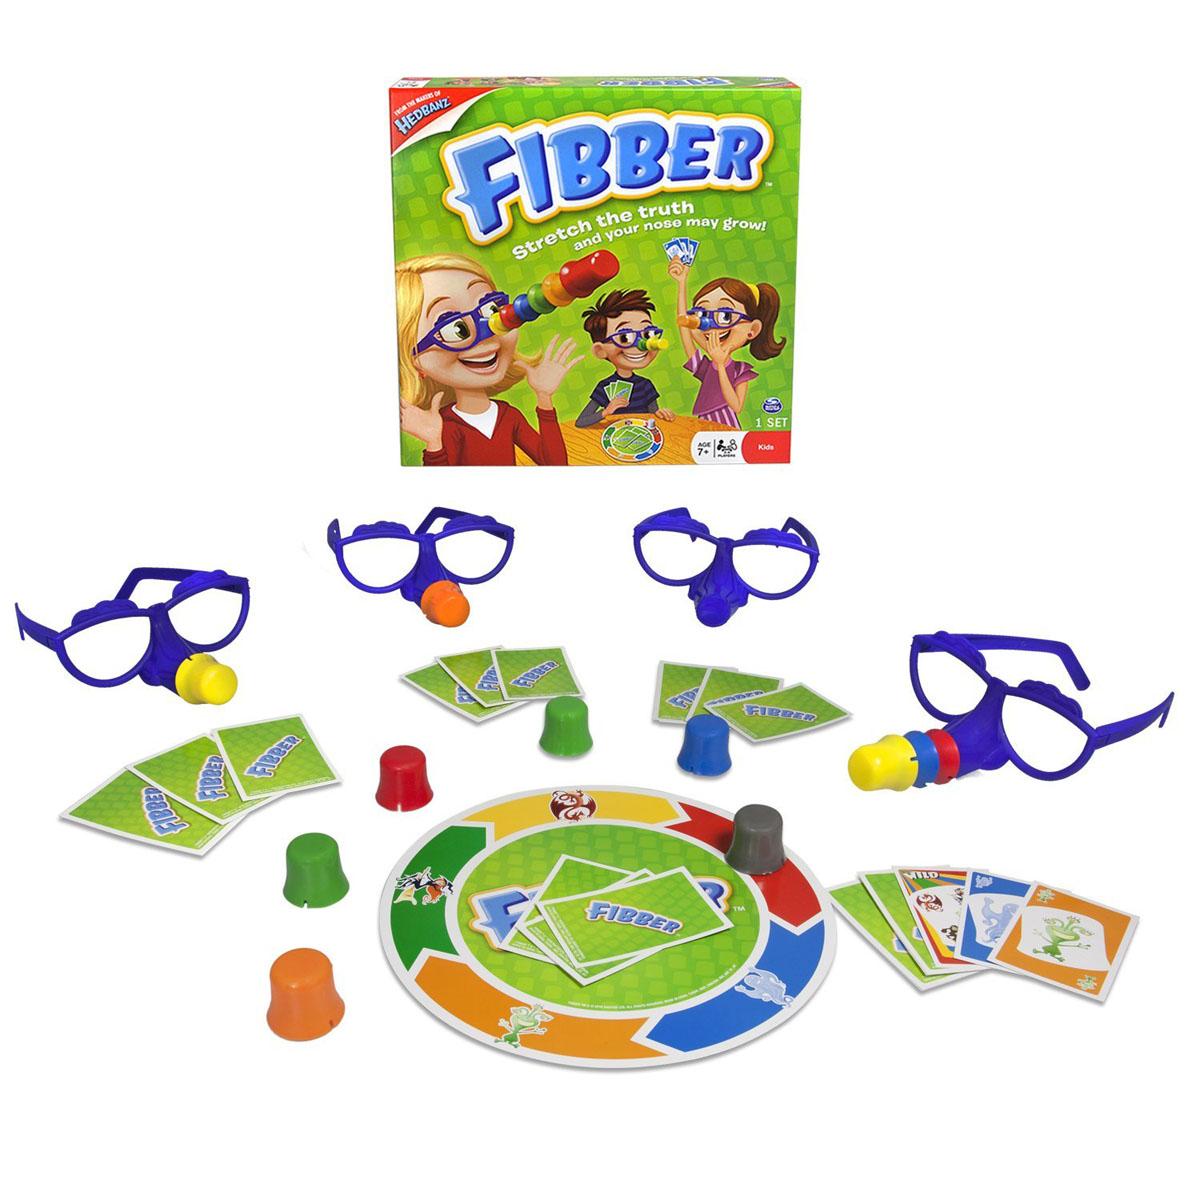 Настольная игра Fibber34545Настольная игра Fibber позволит вашему ребенку весело провести время в кругу друзей или семьи. В переводе с английского Fibber означает врунишка, обманщик. Задача всех игроков поймать Фиббера, если он говорит неправду. Если игрок попался, он надевает на очки нос. Цель игры: стать игроком с самым коротким носом. Перед началом игры все участники надевают очки. В центре стола располагается игровое поле, вокруг него - носы. Карты раздаются поровну всем игрокам. В ходе игры участники двигаются по секторам. В свой ход игрок складывает карты согласно сектору на игровом поле. При этом он может обманывать или говорить правду. Если участник обманывает, и его называют фиббером, он забирает все сыгранные карты и надевает нос. Если говорит правду, и его называют фиббером, то надевает нос и забирает карты обвинивший его игрок. Когда все носы сыграны, время подводить итоги. Побеждает игрок с самым коротким носом. В комплект игры входят: игровое поле, 4 пары очков, 11...